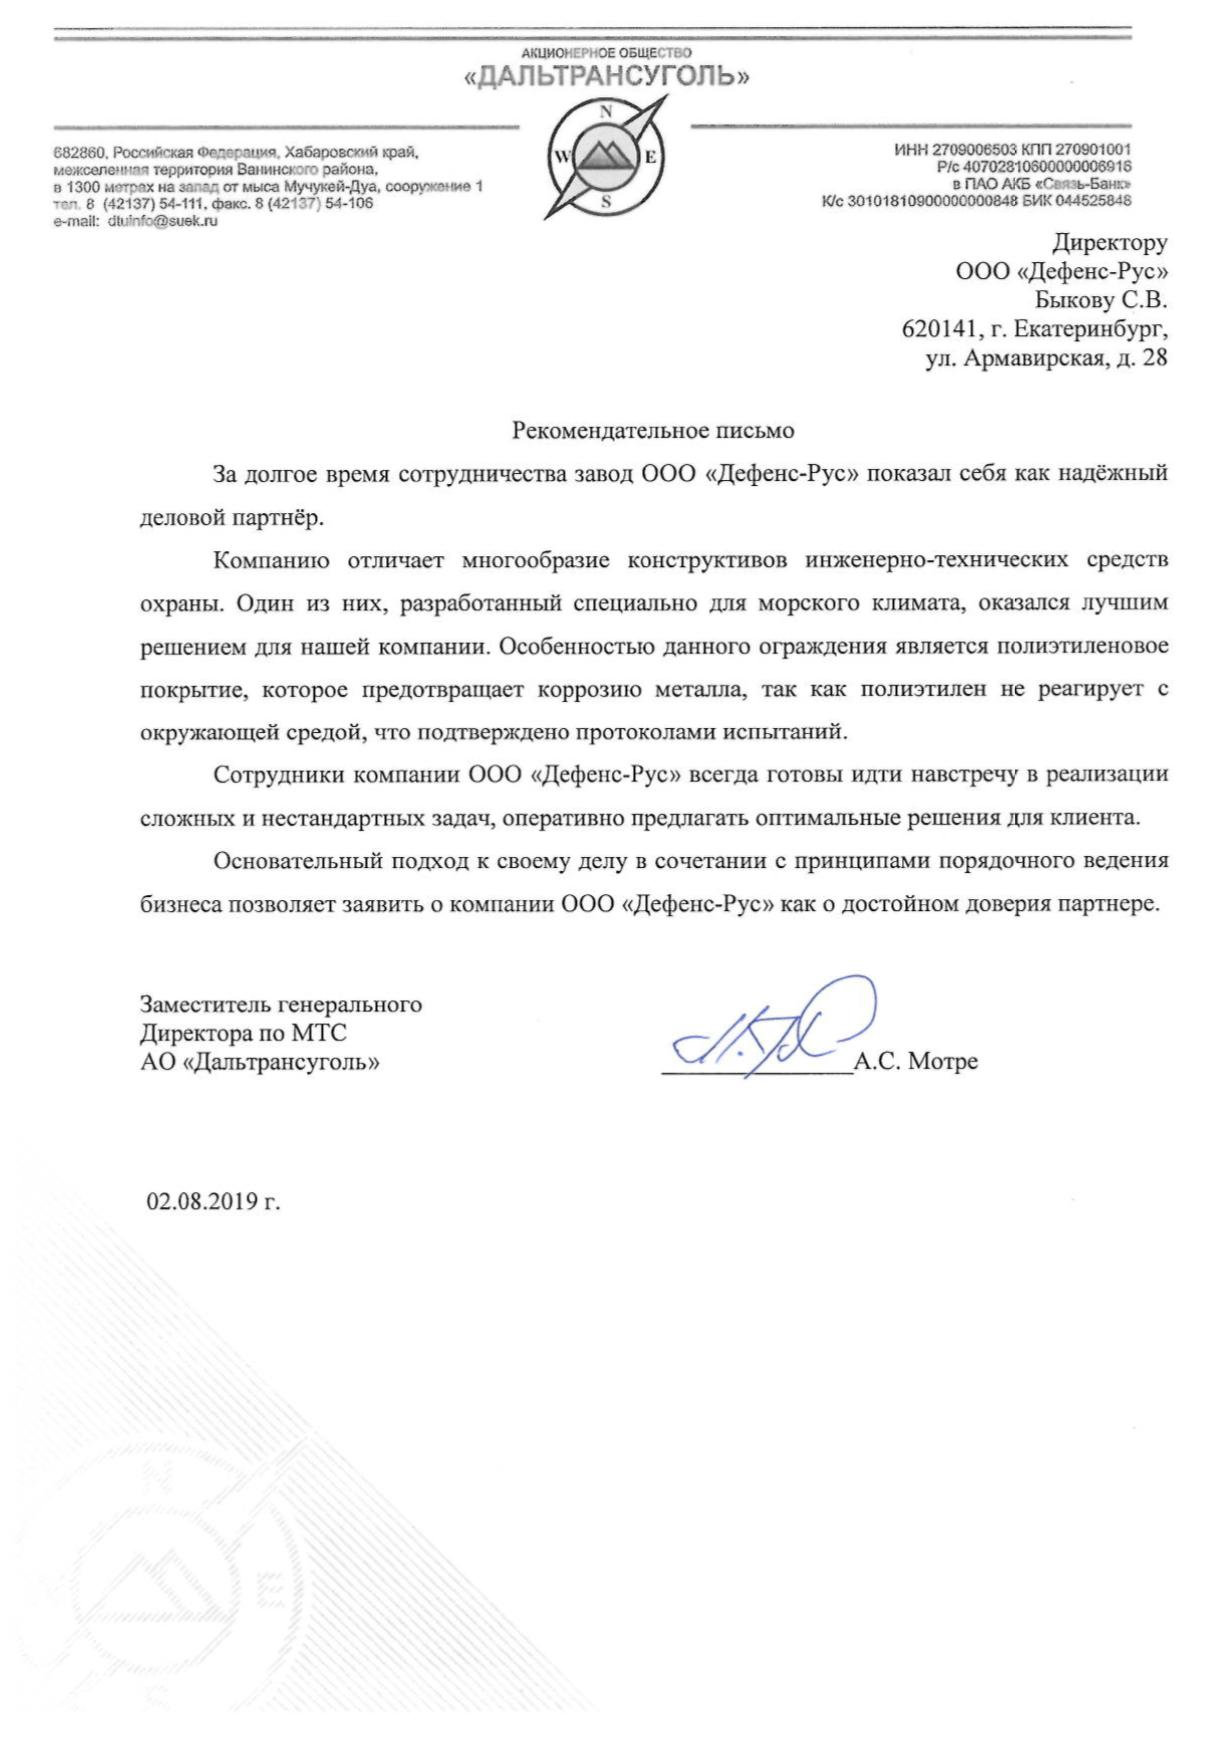 Отзыв о работе ООО ДЕФЕНС-РУС от АО ДАЛЬТРАНСУГОЛЬ